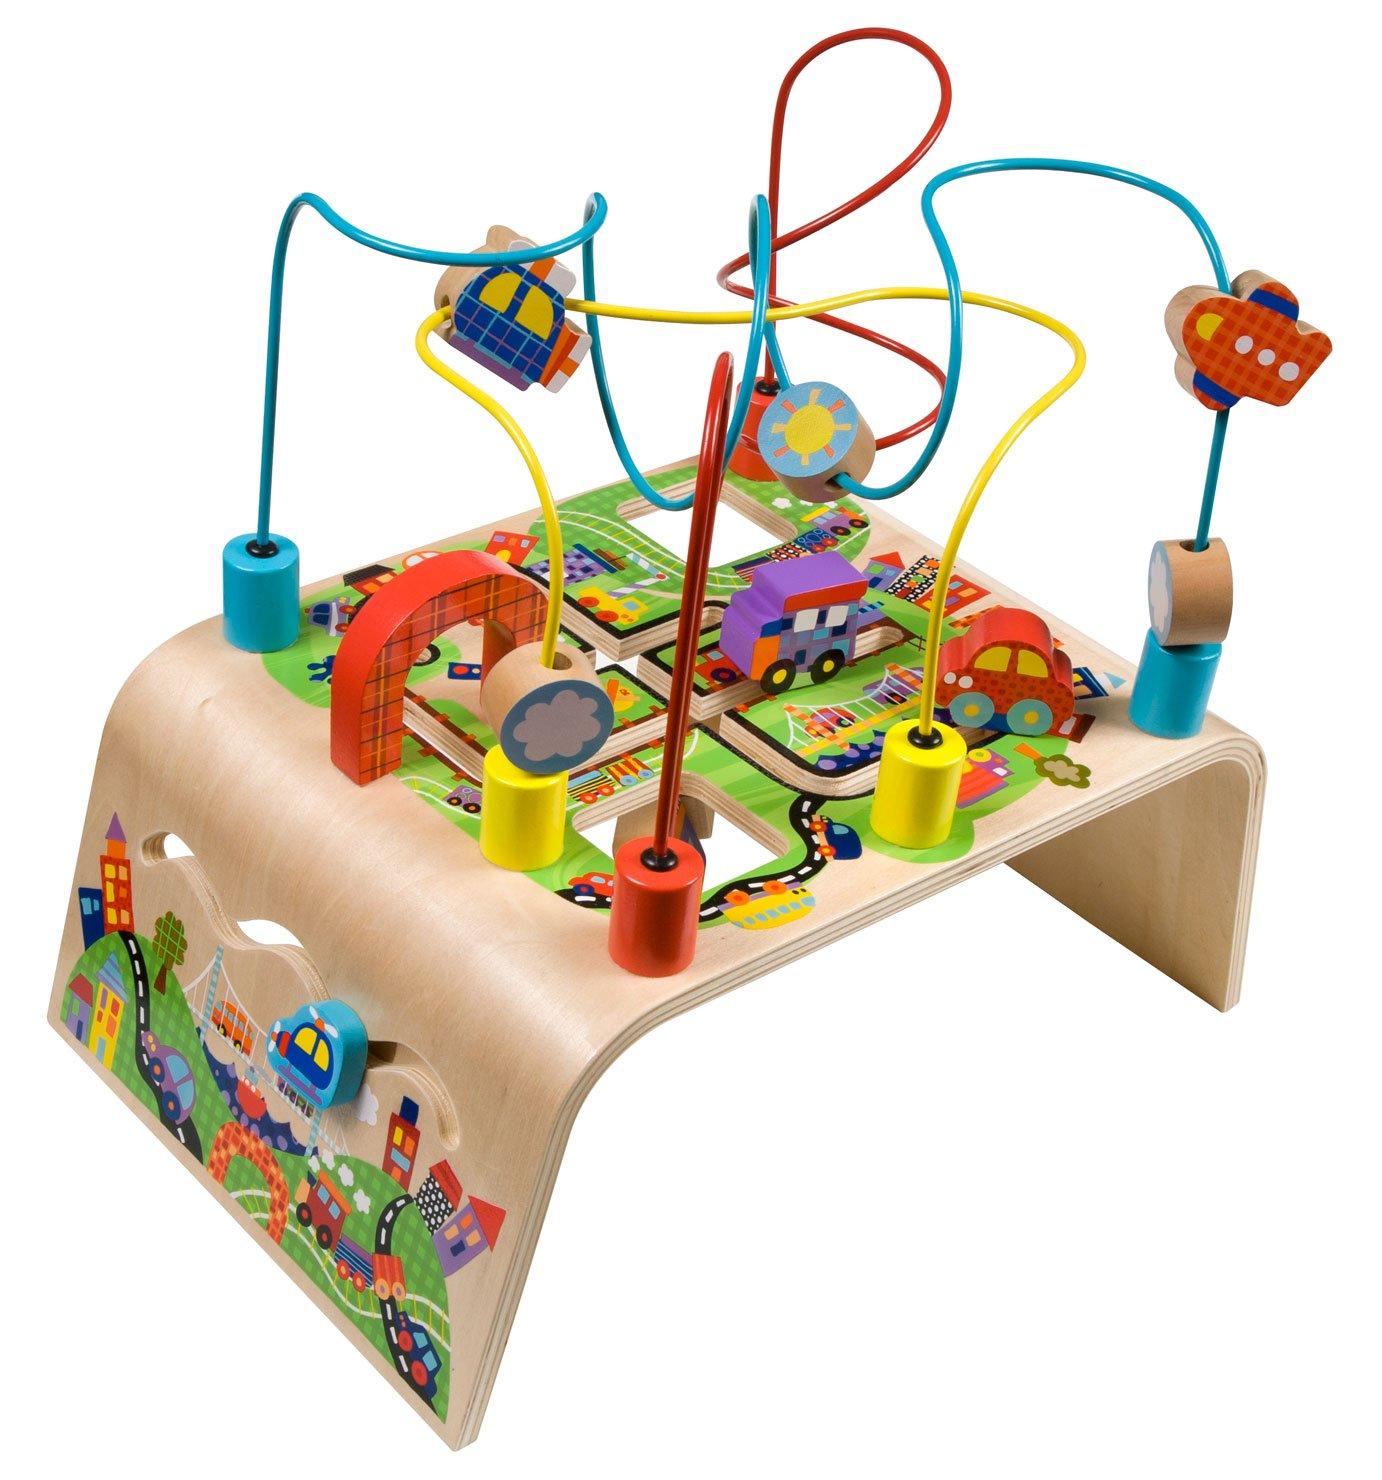 alex toys  alex jr busy bead maze race around  baby wooden  - alex toys  alex jr busy bead maze race around  baby wooden developmentaltoy z wood  amazon canada